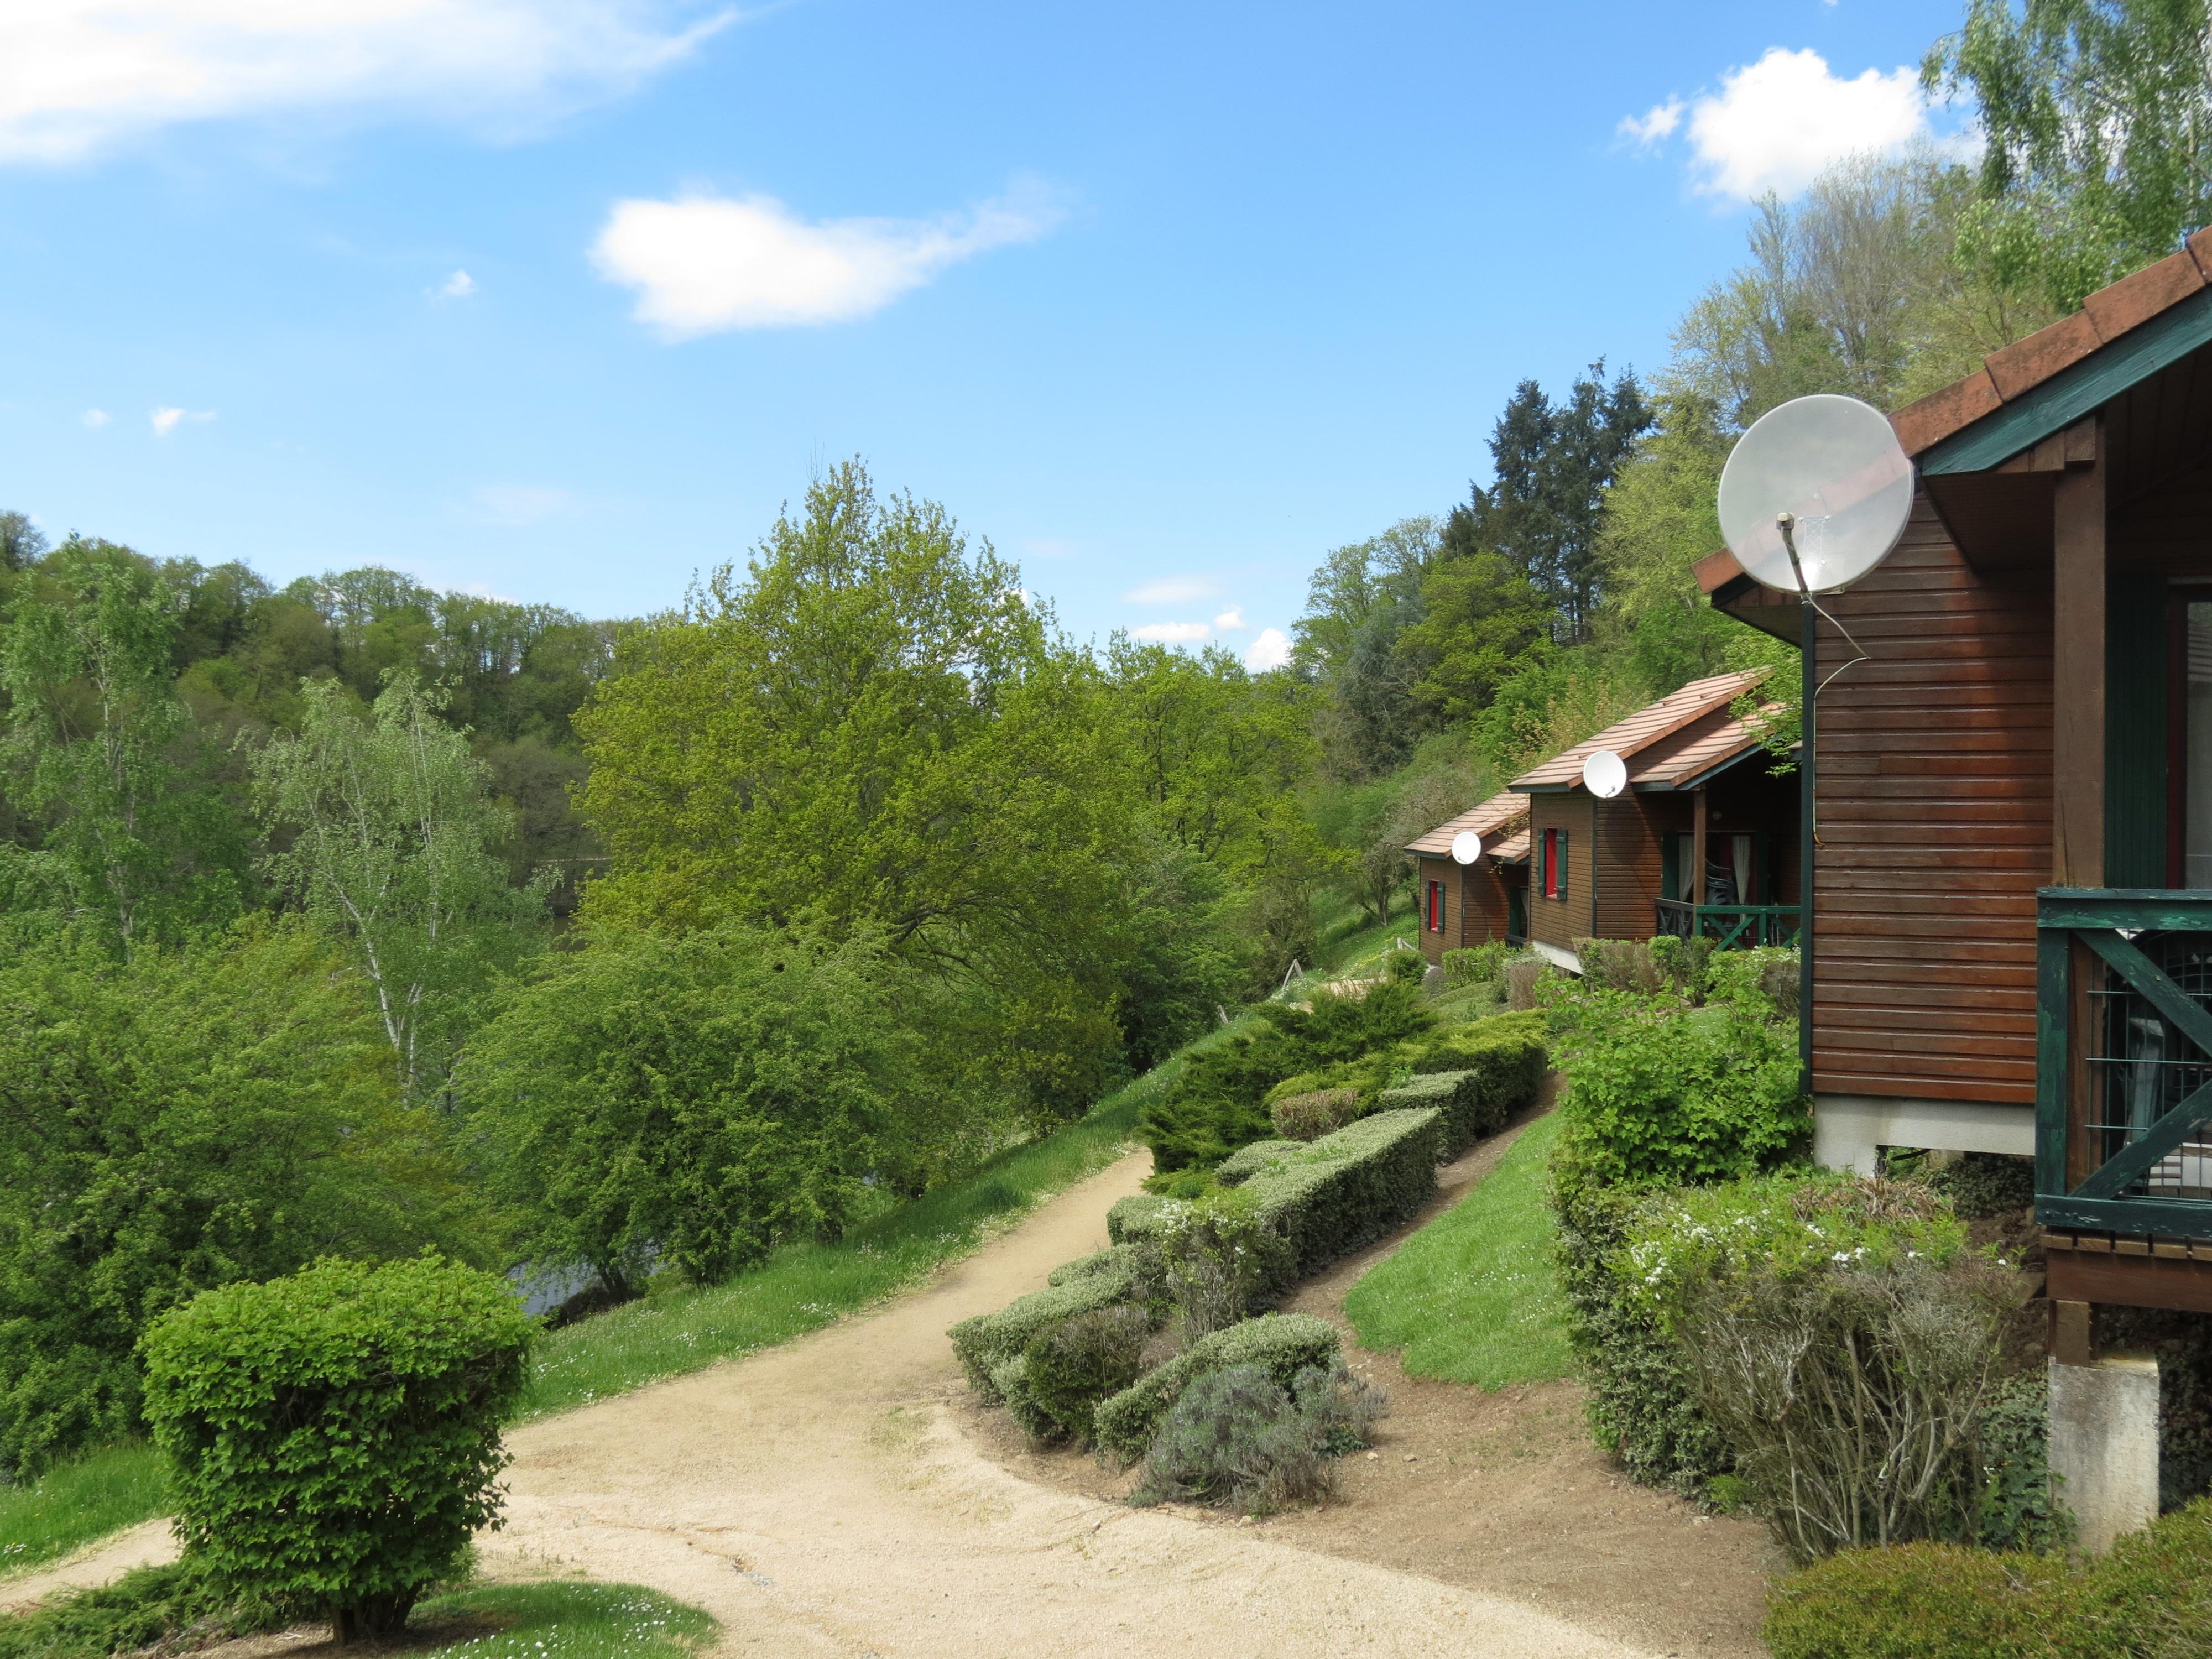 Les campings office du tourisme de n ris les bains - Office tourisme divonne les bains ...